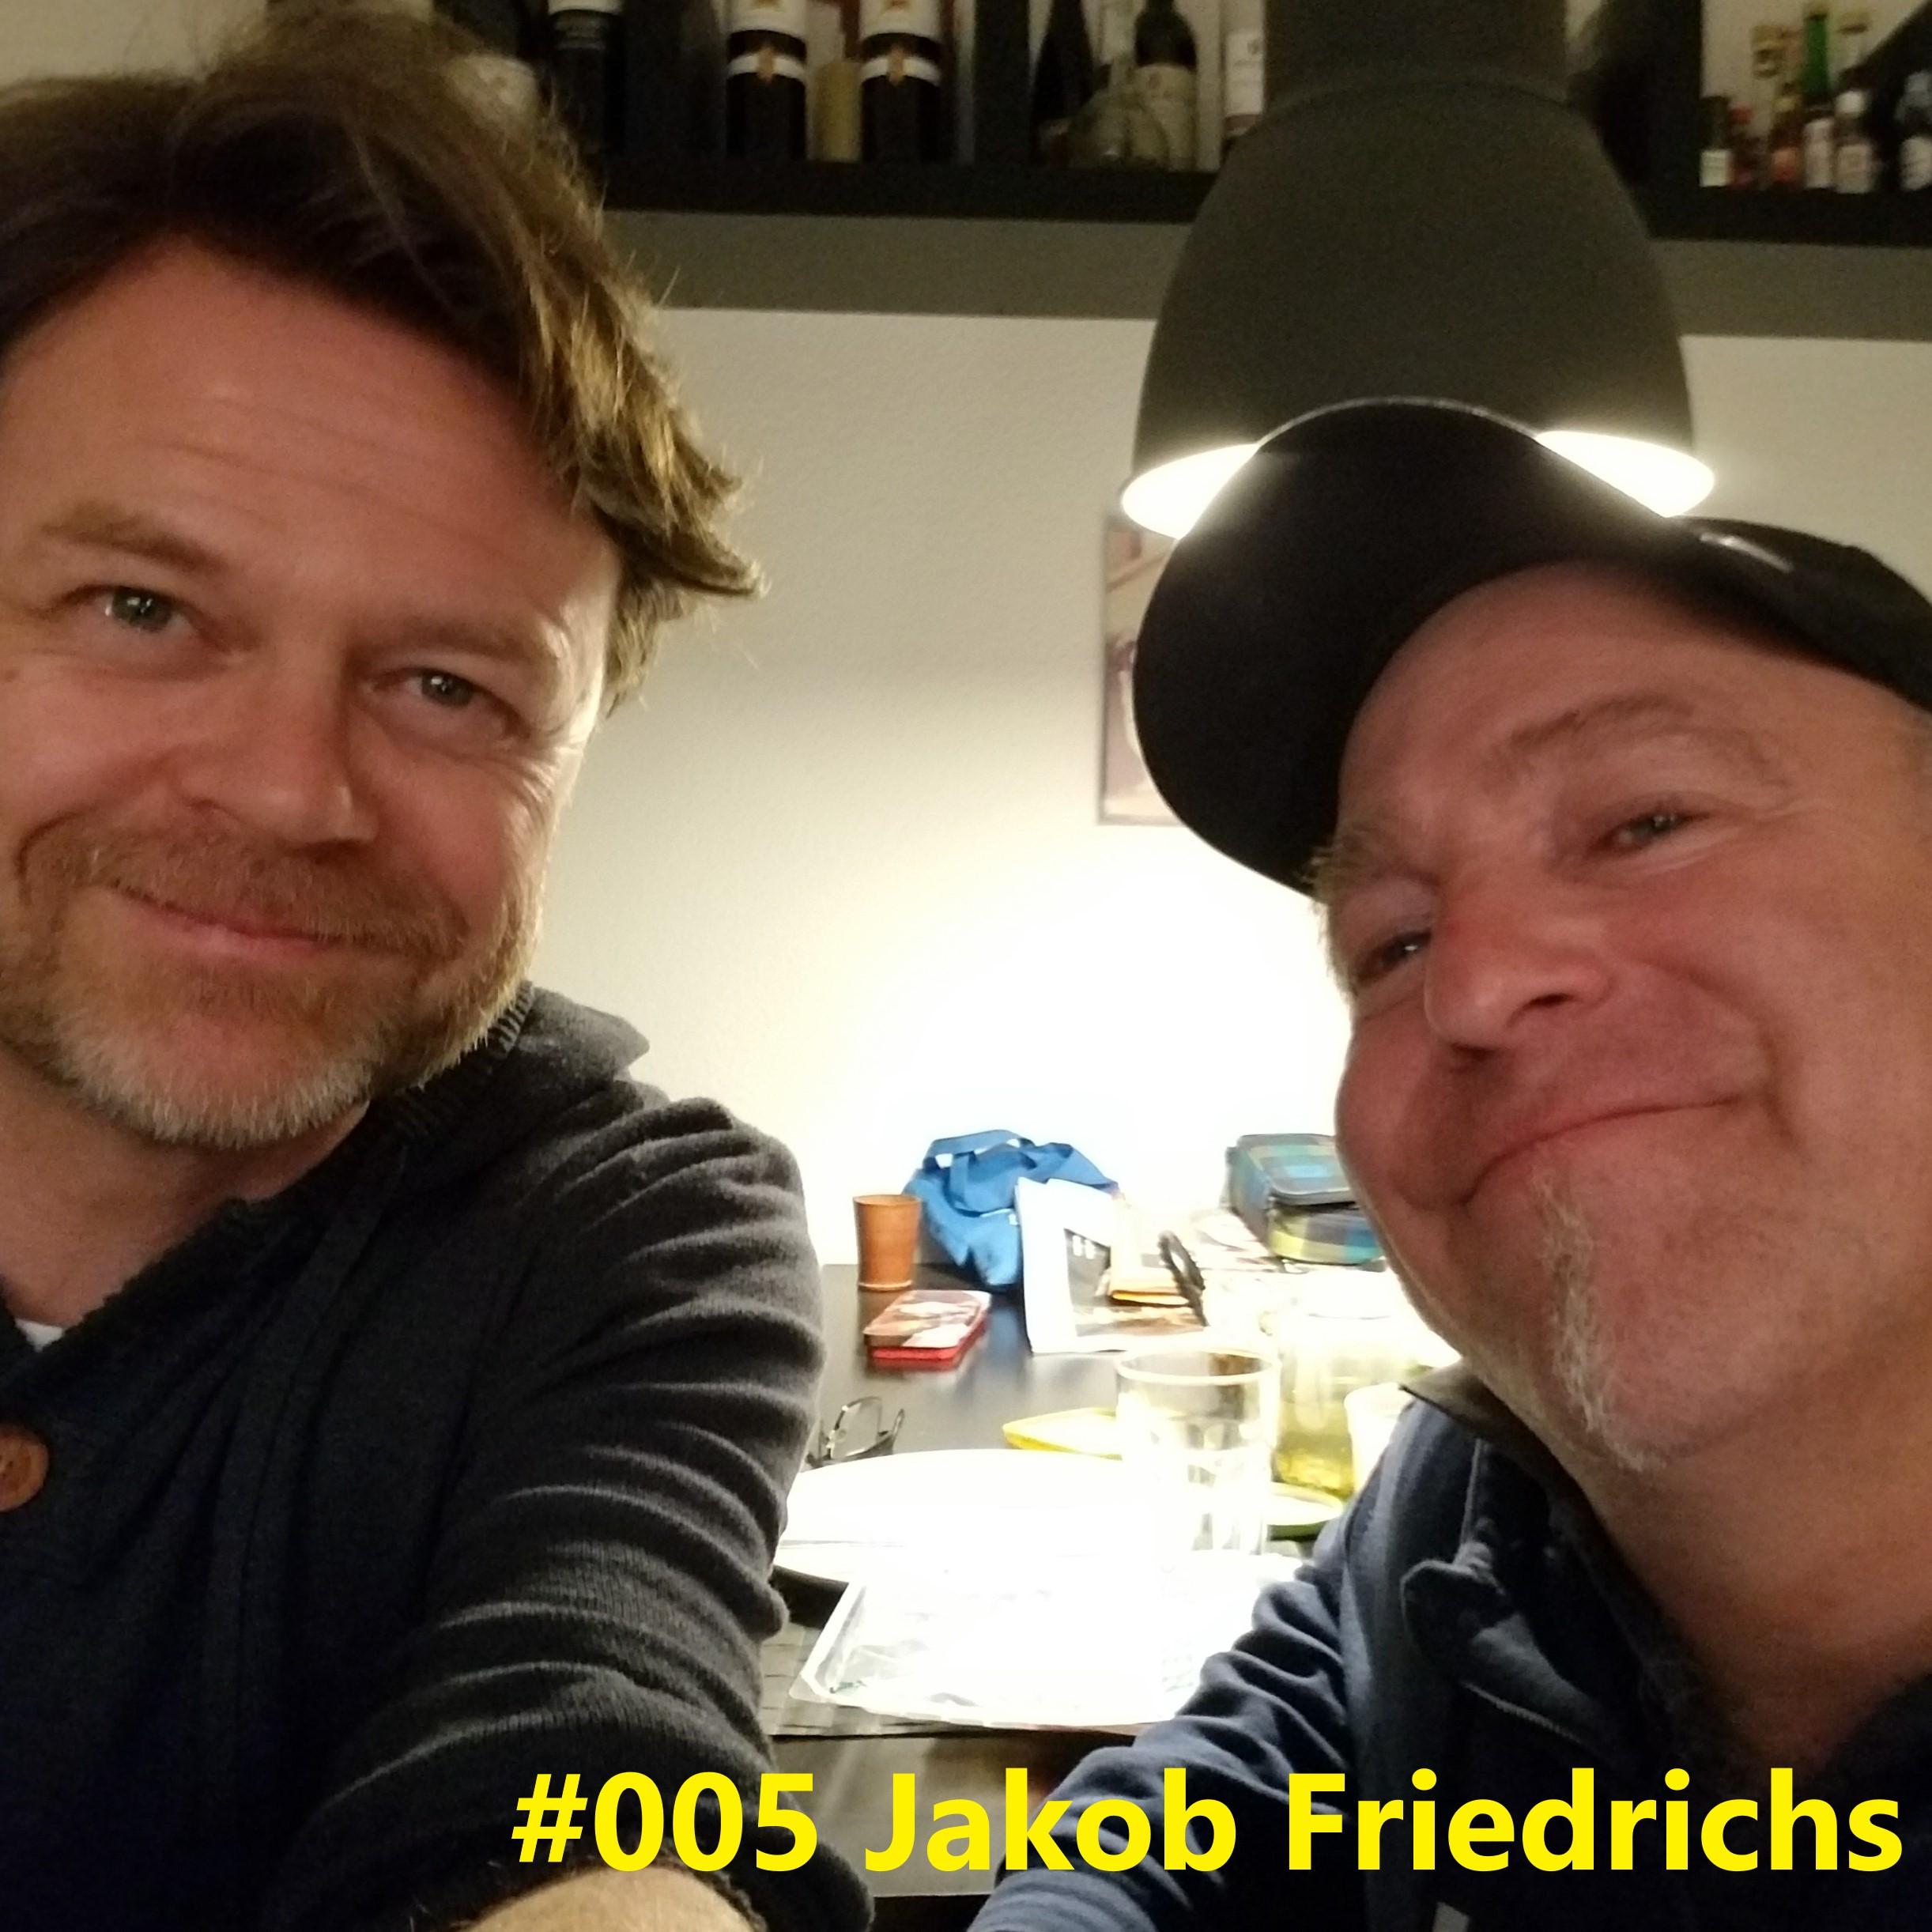 Jakob Friedrichs